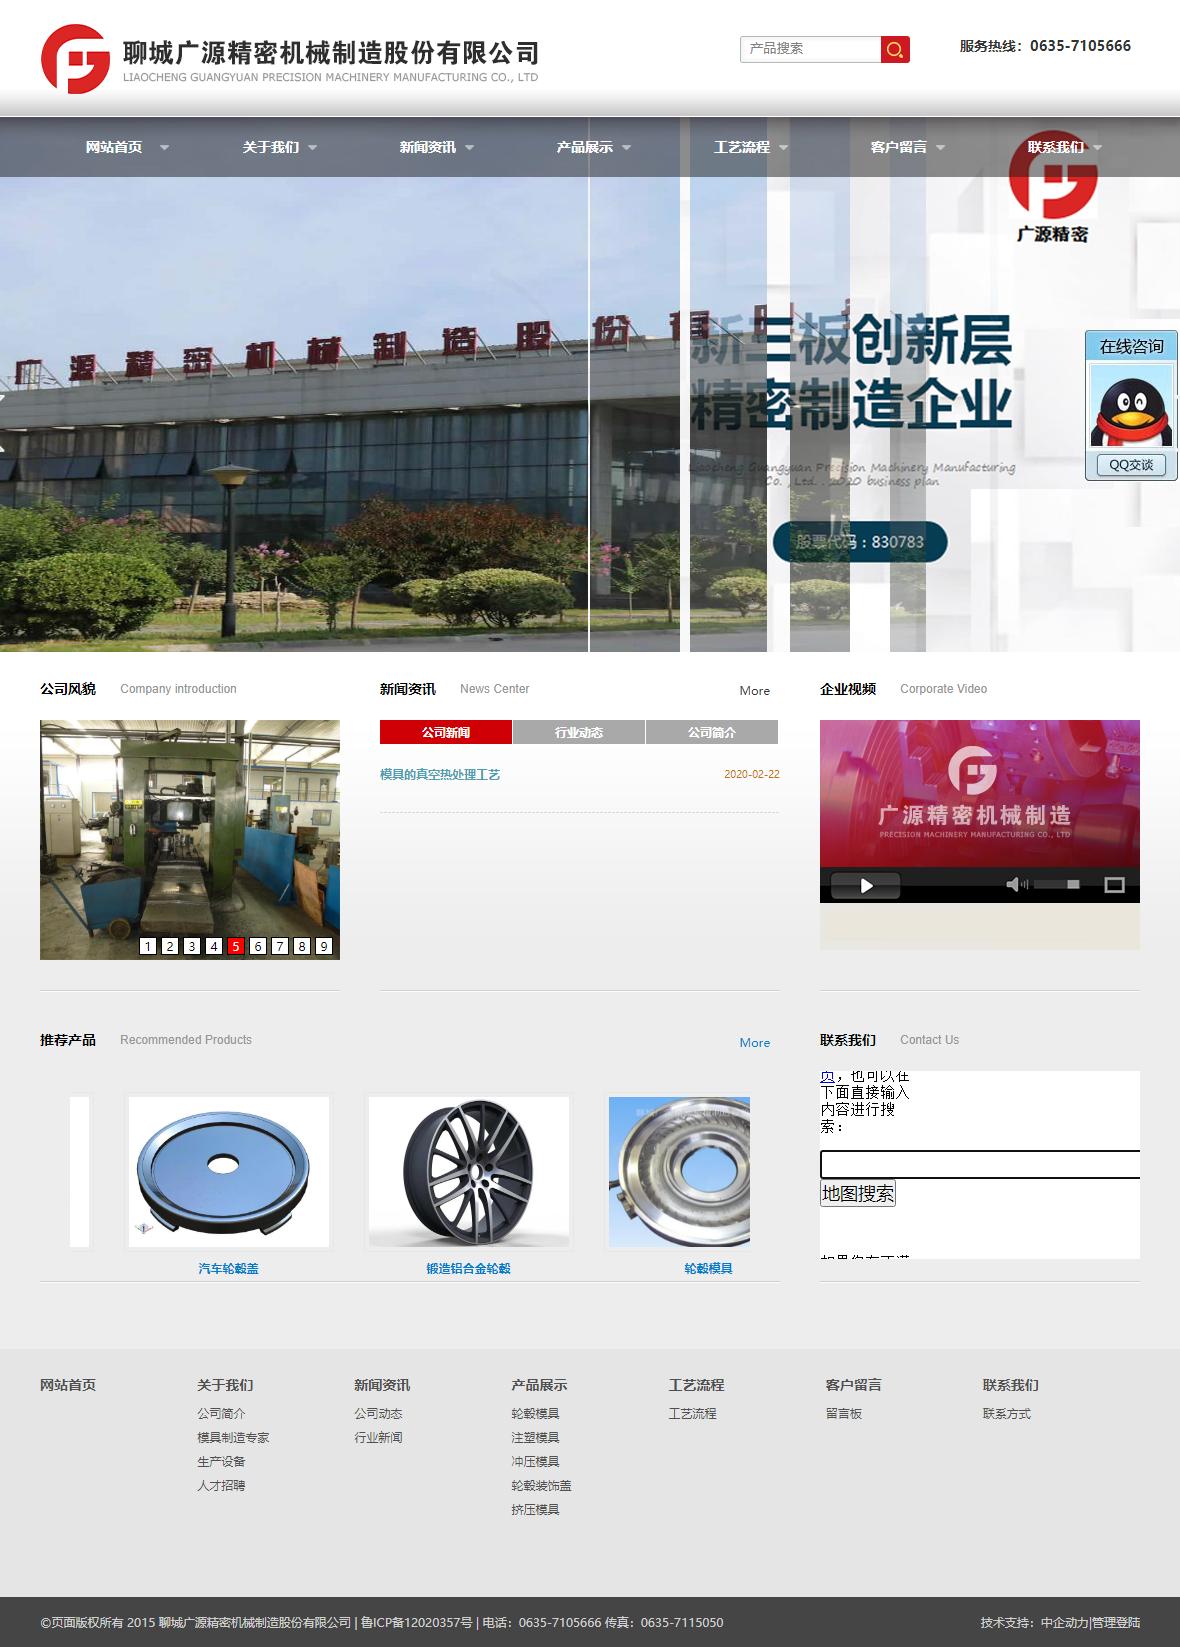 聊城广源精密机械制造股份有限公司网站案例